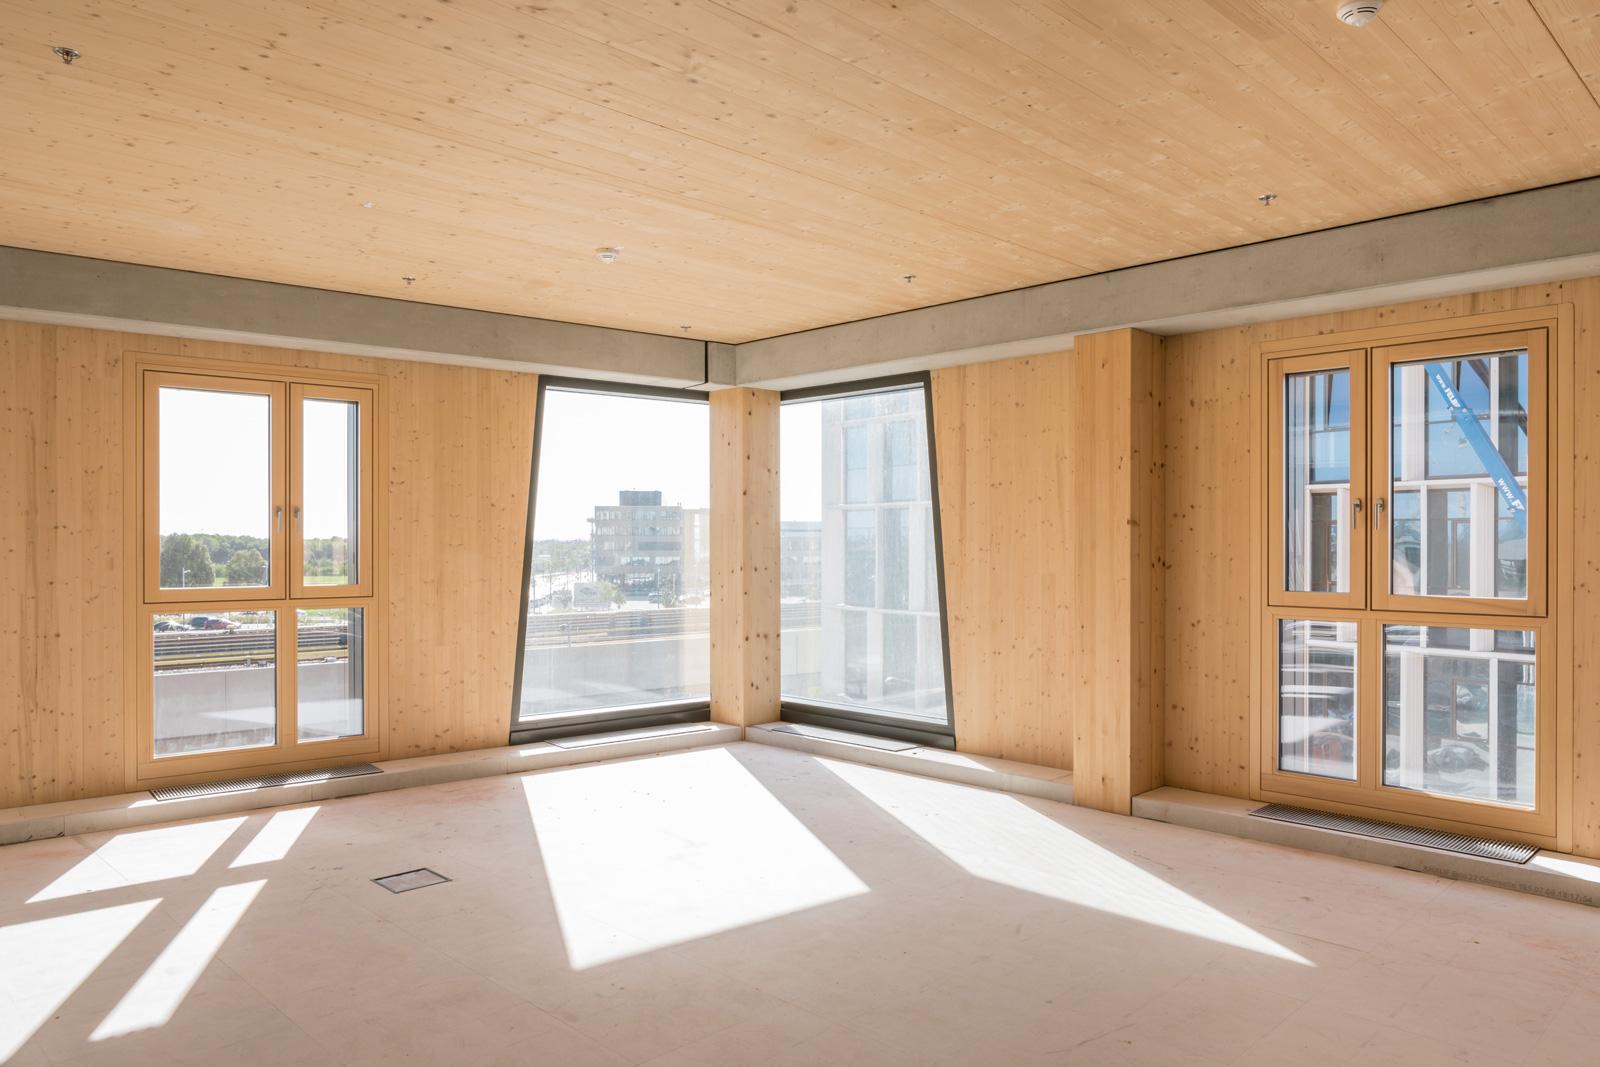 Modernes Holzhaus: das HoHo Hotel